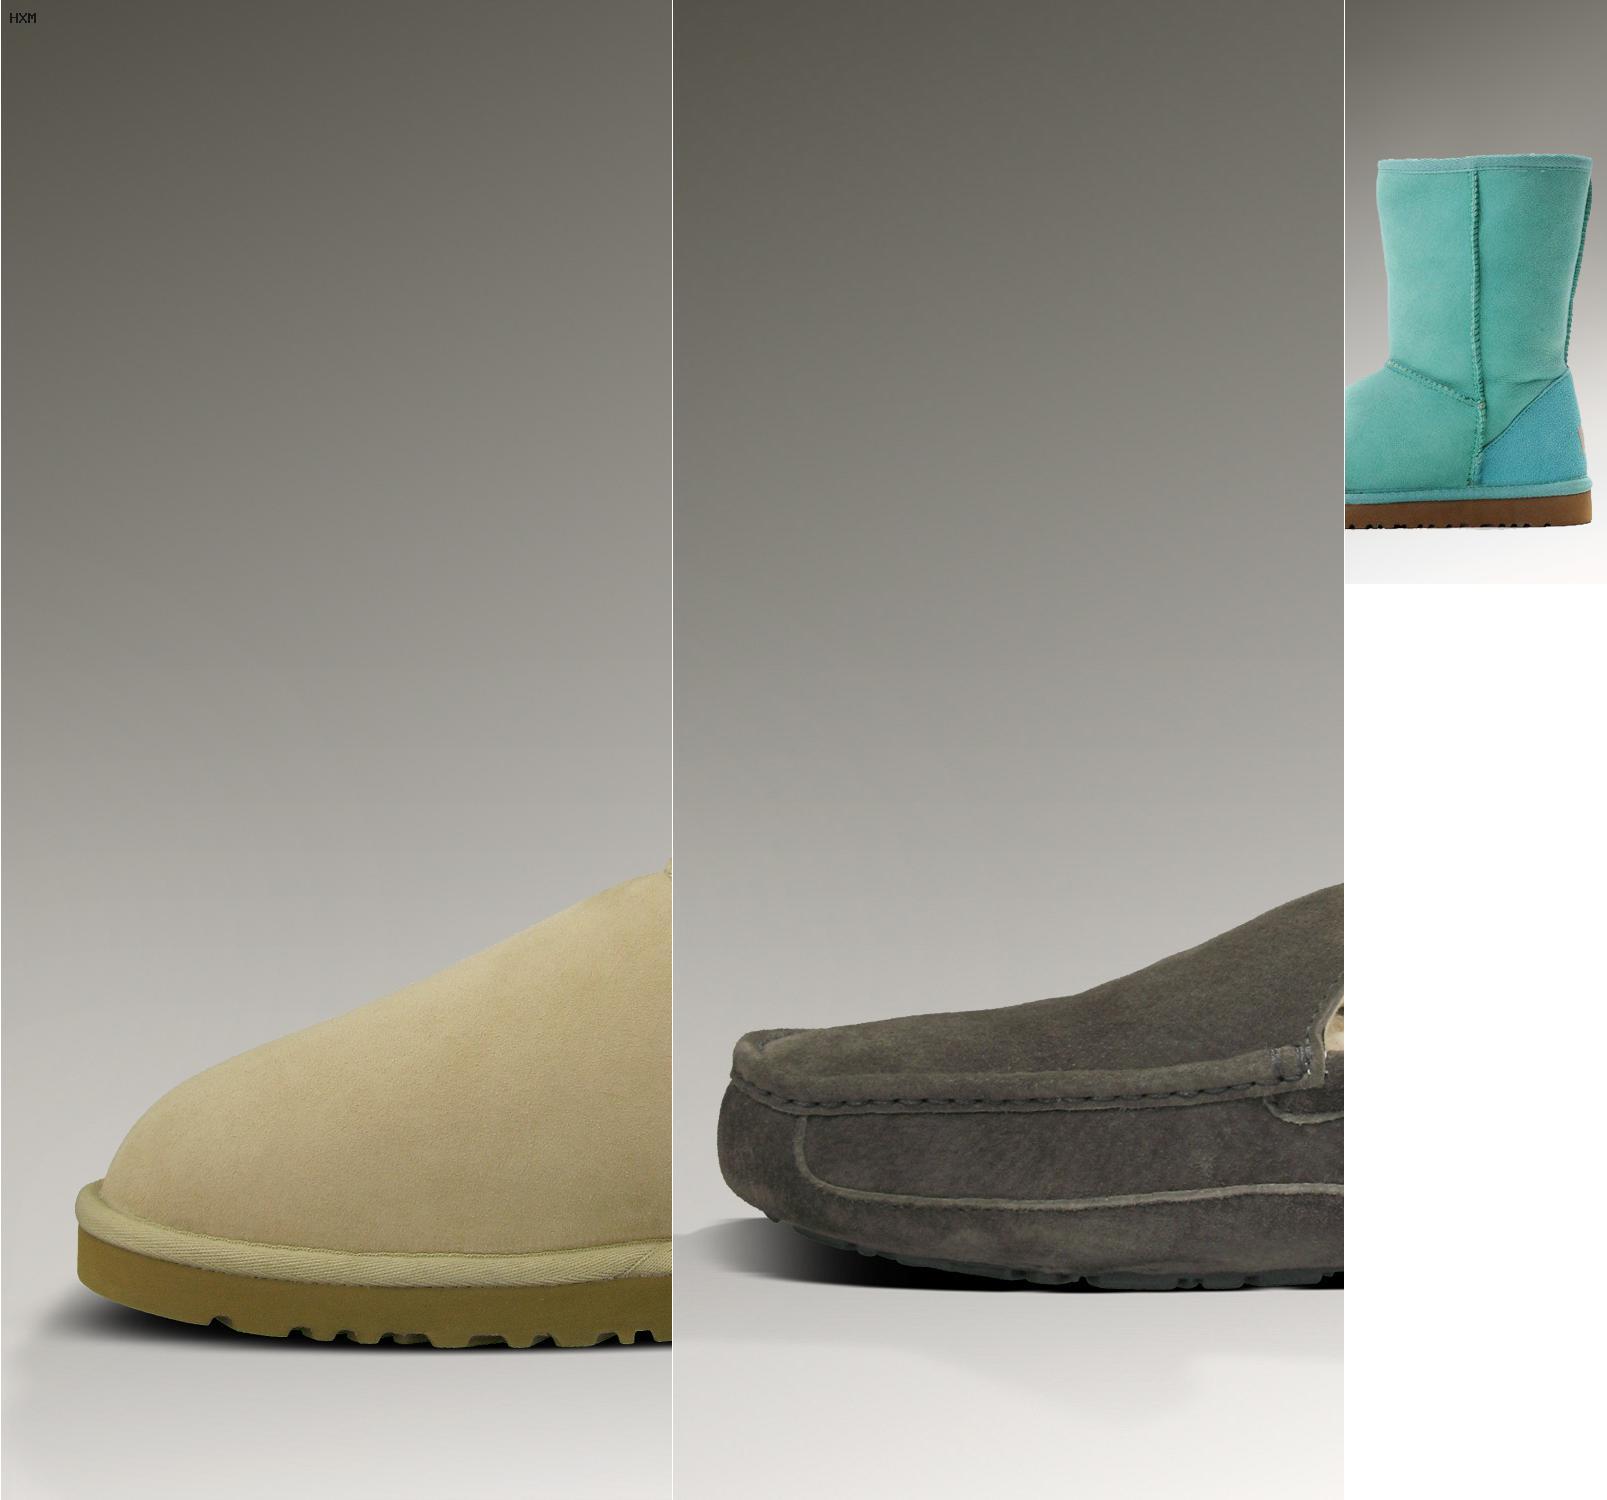 tiendas que venden botas ugg en madrid